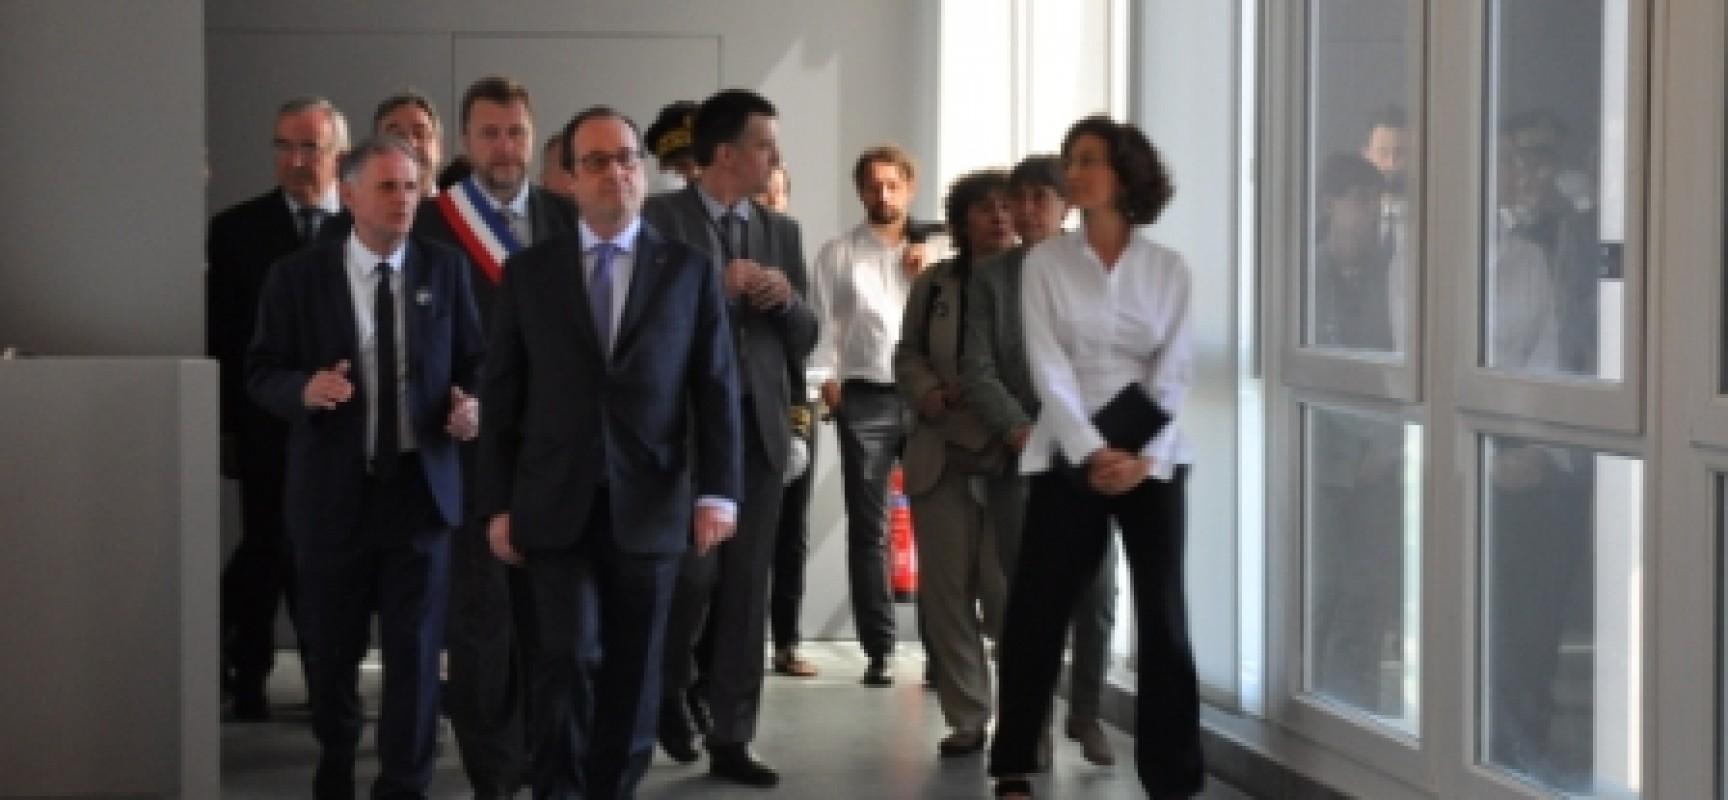 [Projet réalisé] Inauguration de la Cité de la Tapisserie : quelques temps forts de la visite présidentielle